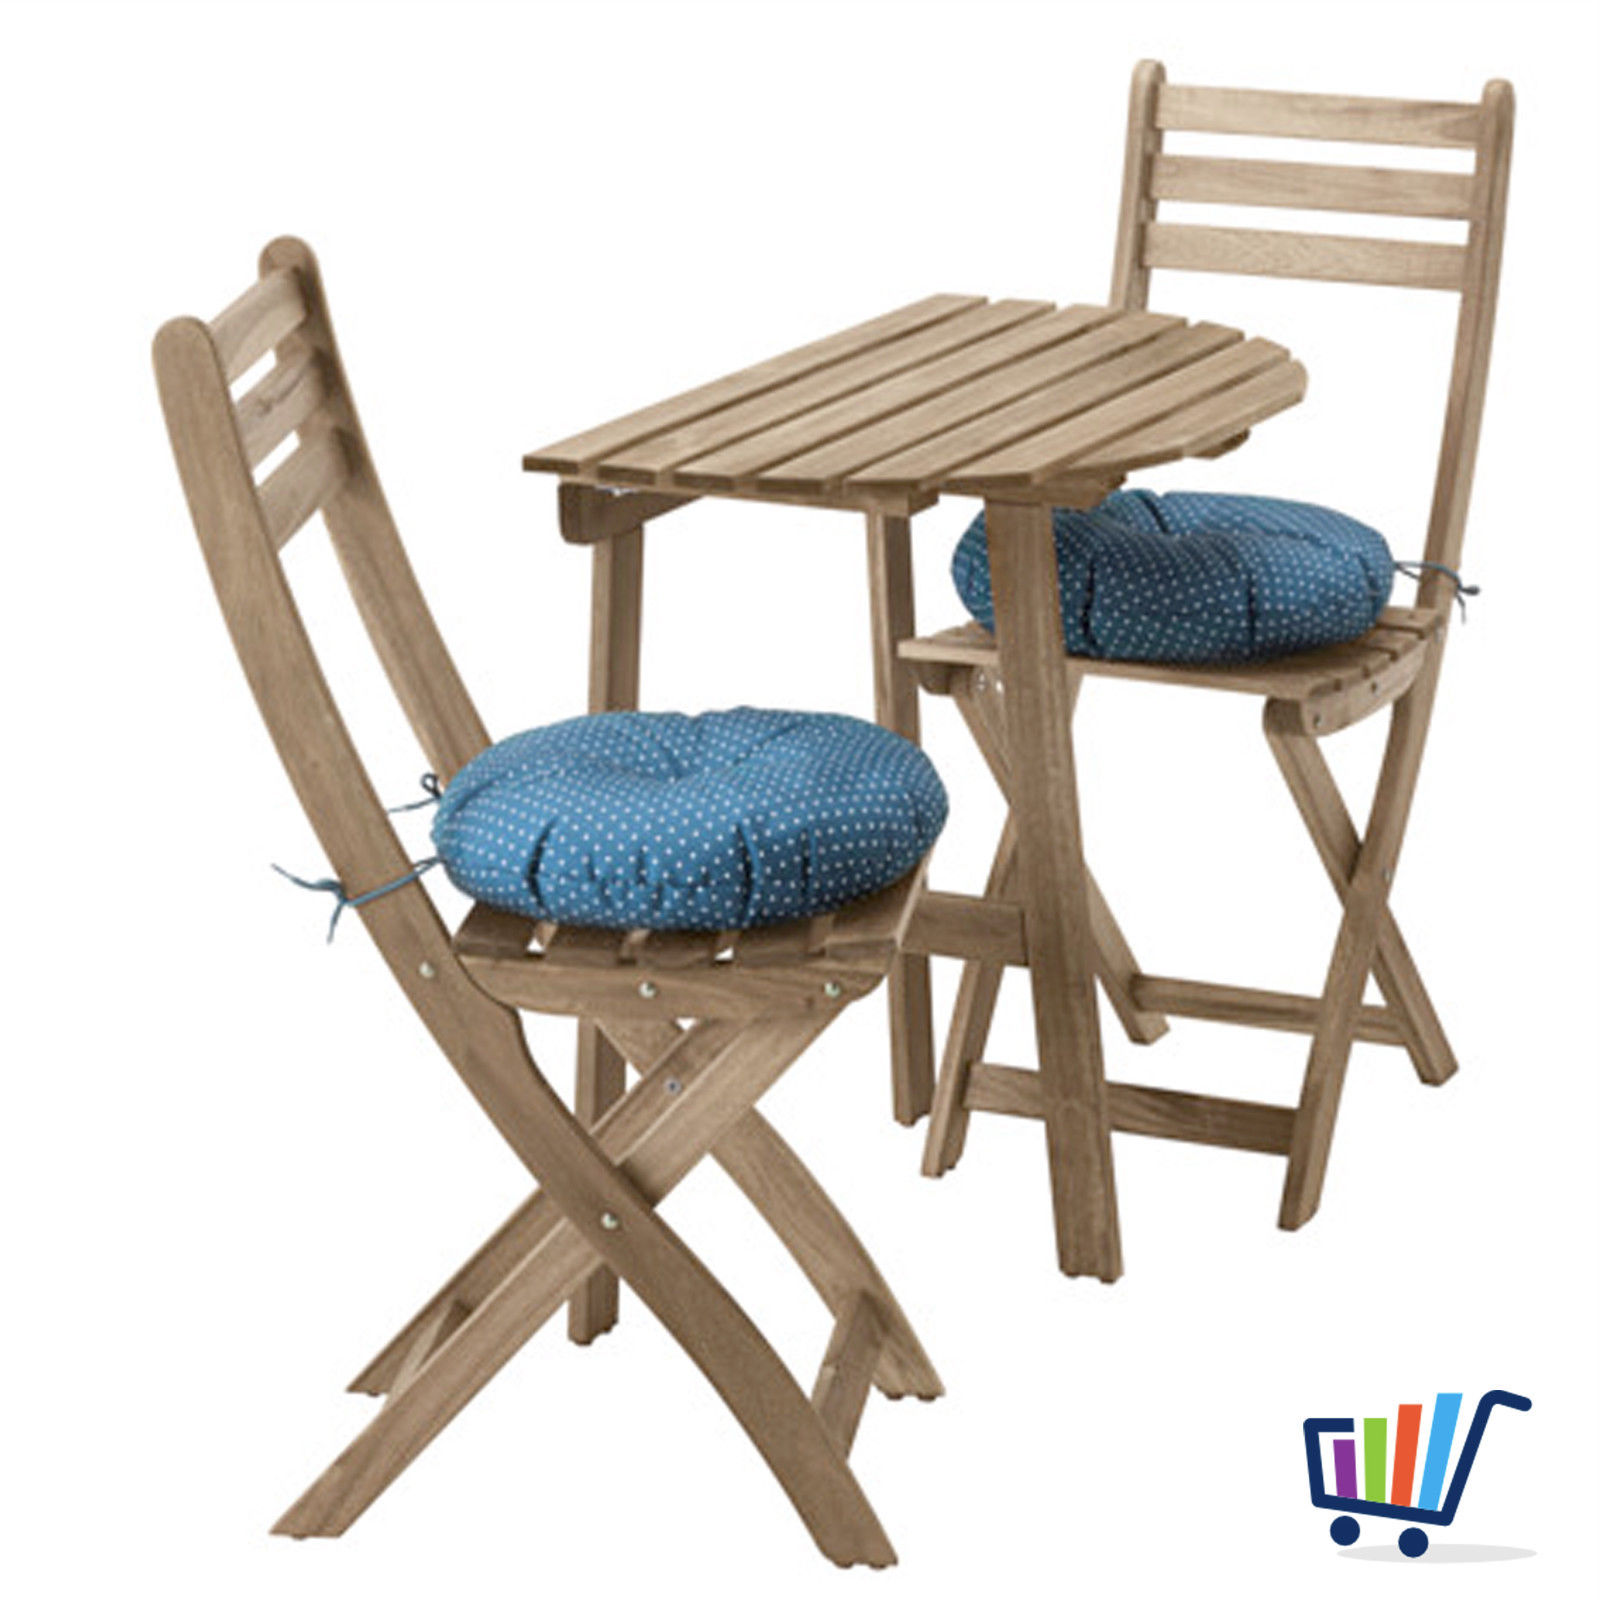 ikea gartentisch wandtisch + 2 klappstühle + kissen balkonmöbel